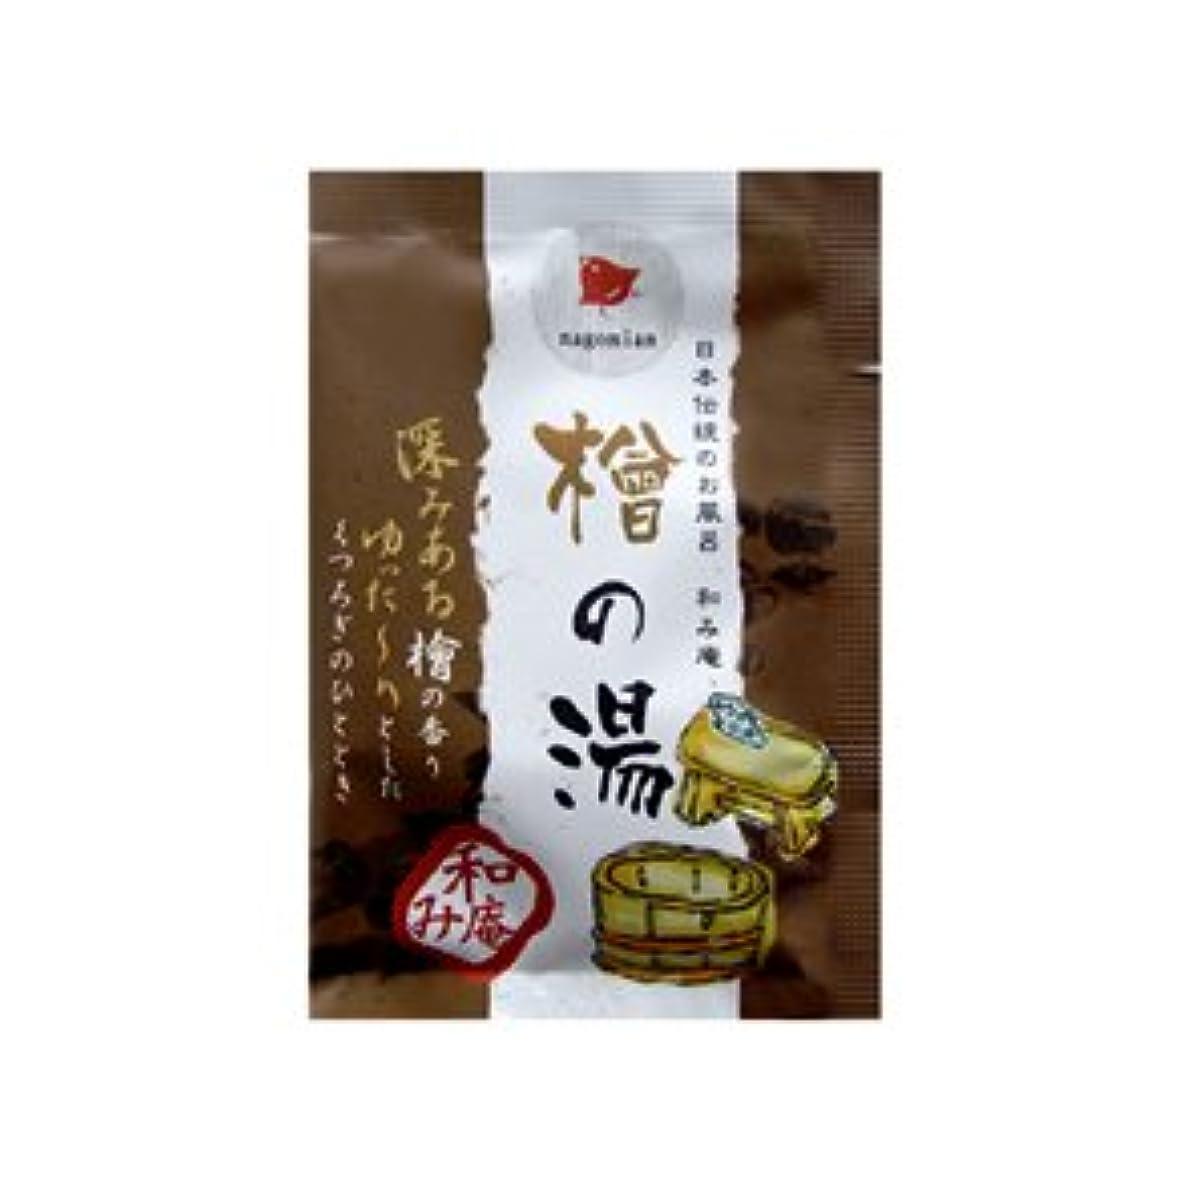 石炭発生器電話をかける日本伝統のお風呂 和み庵 檜の湯 25g 1包